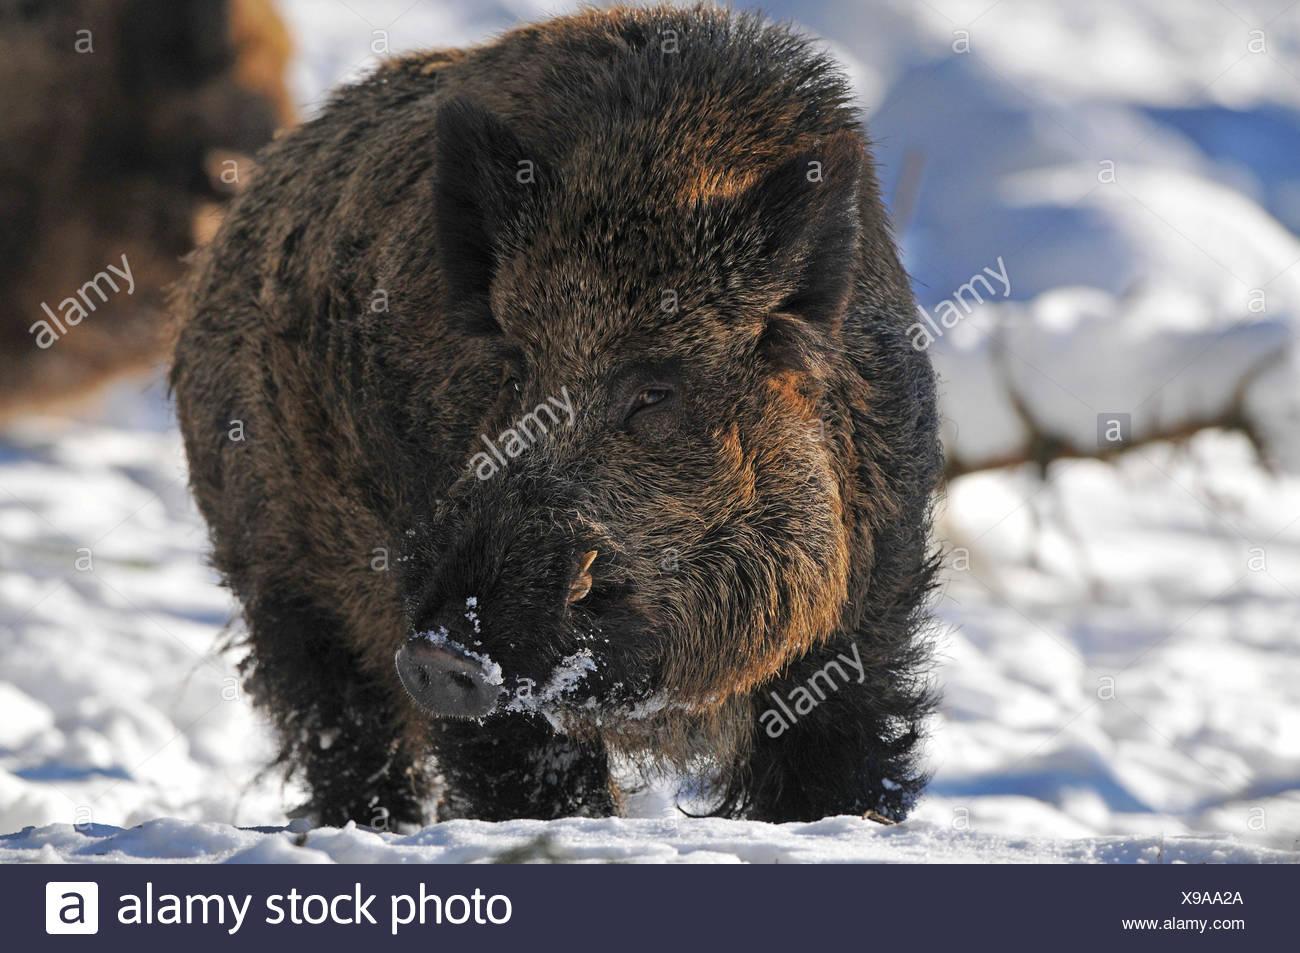 Wild Boar (Sus scrofa), tusker in winter coat, captive, Saxony, Germany - Stock Image